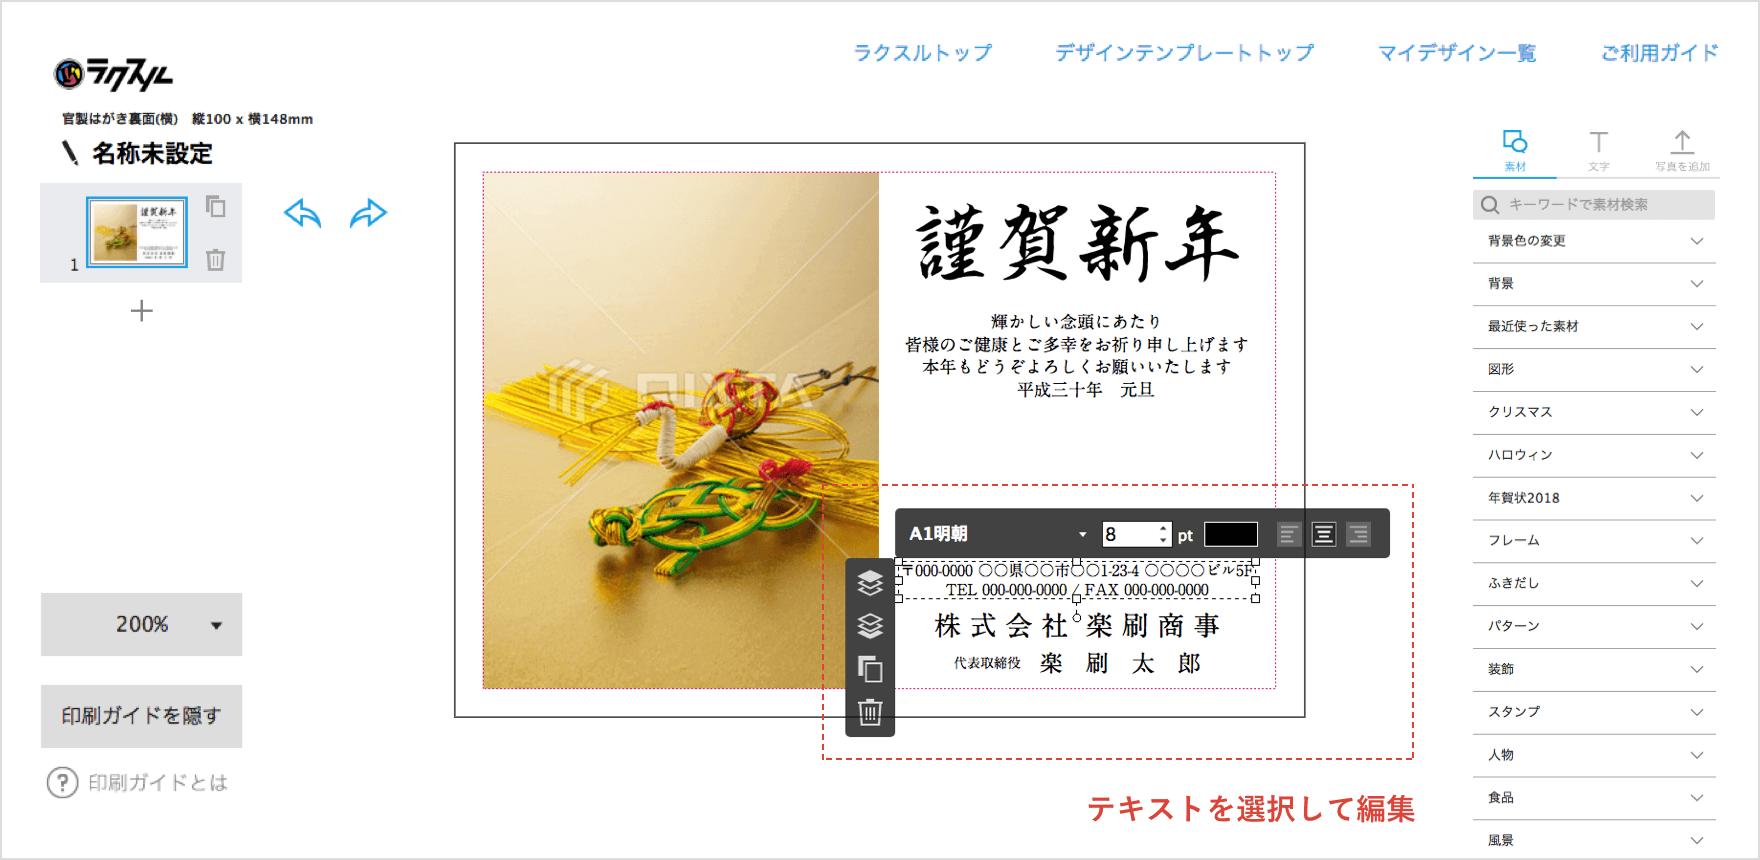 【STEP2】住所・氏名・写真などを編集しよう